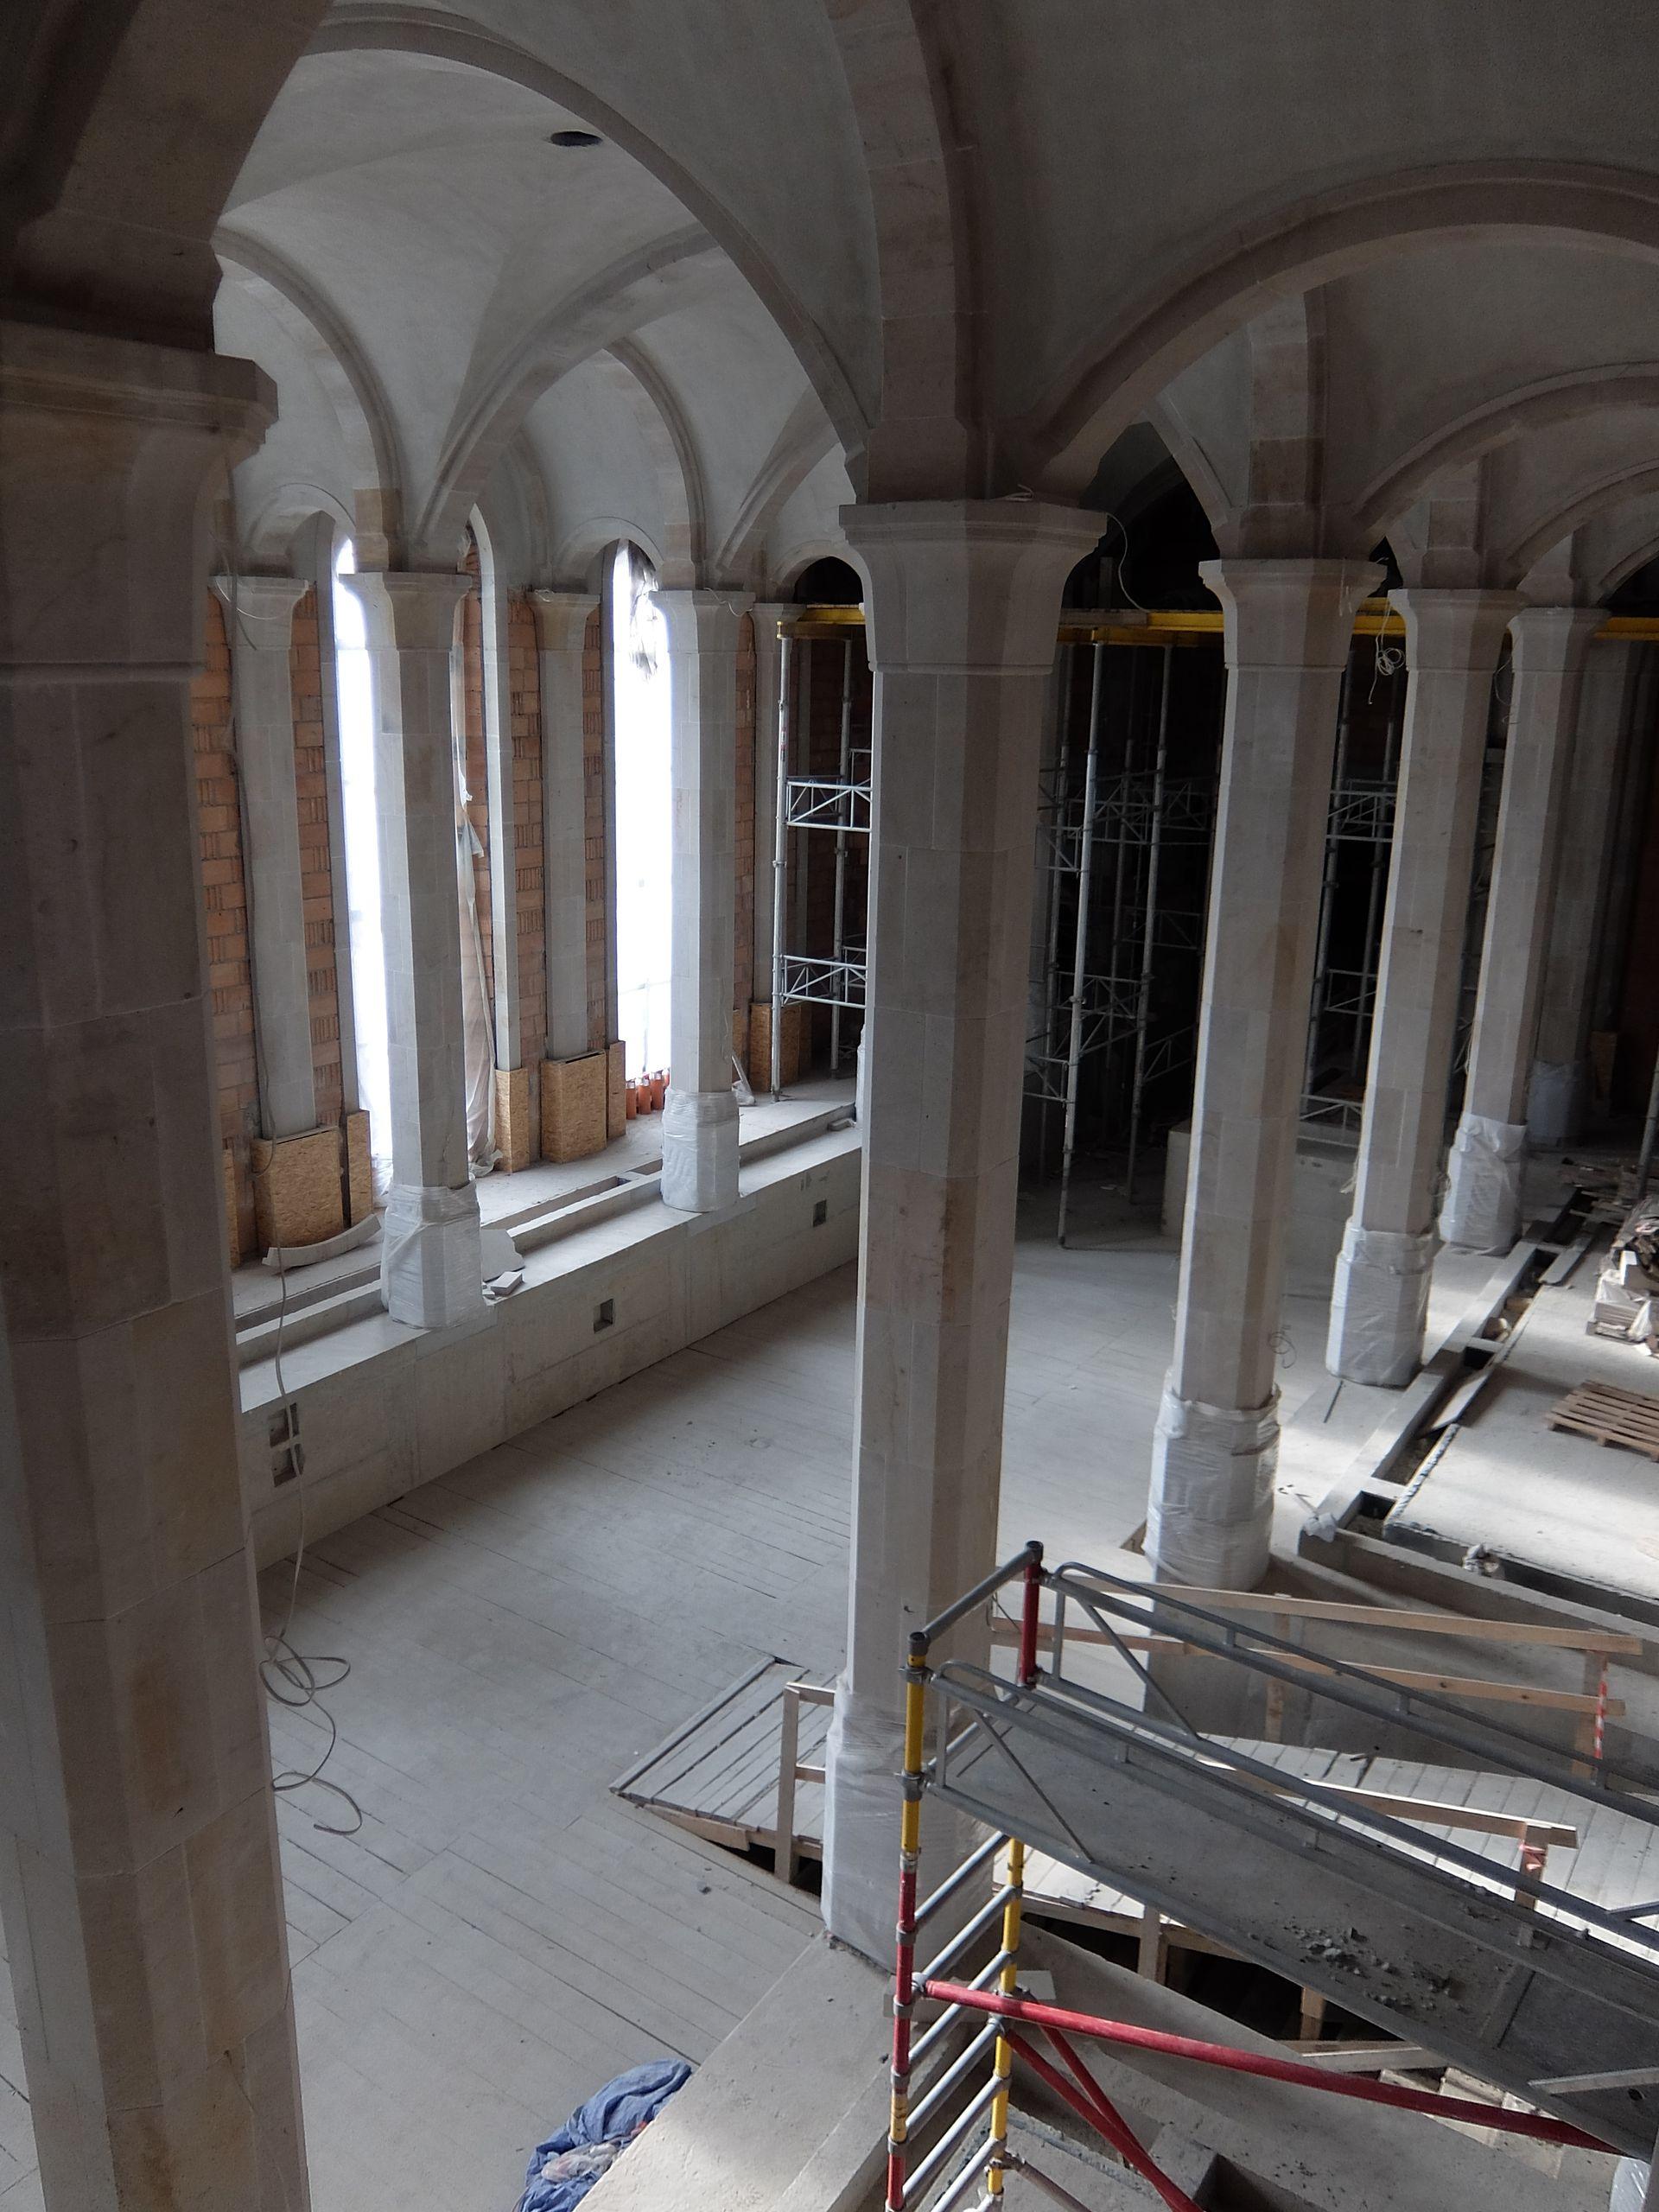 Publikujemy najnowsze zdjęcia z wnętrza kontrowersyjnej budowy zamku w Stobnicy. Ogromne przestrzenie, średniowieczna stylizacja, a w tle kontrole CBA i prokuratury.